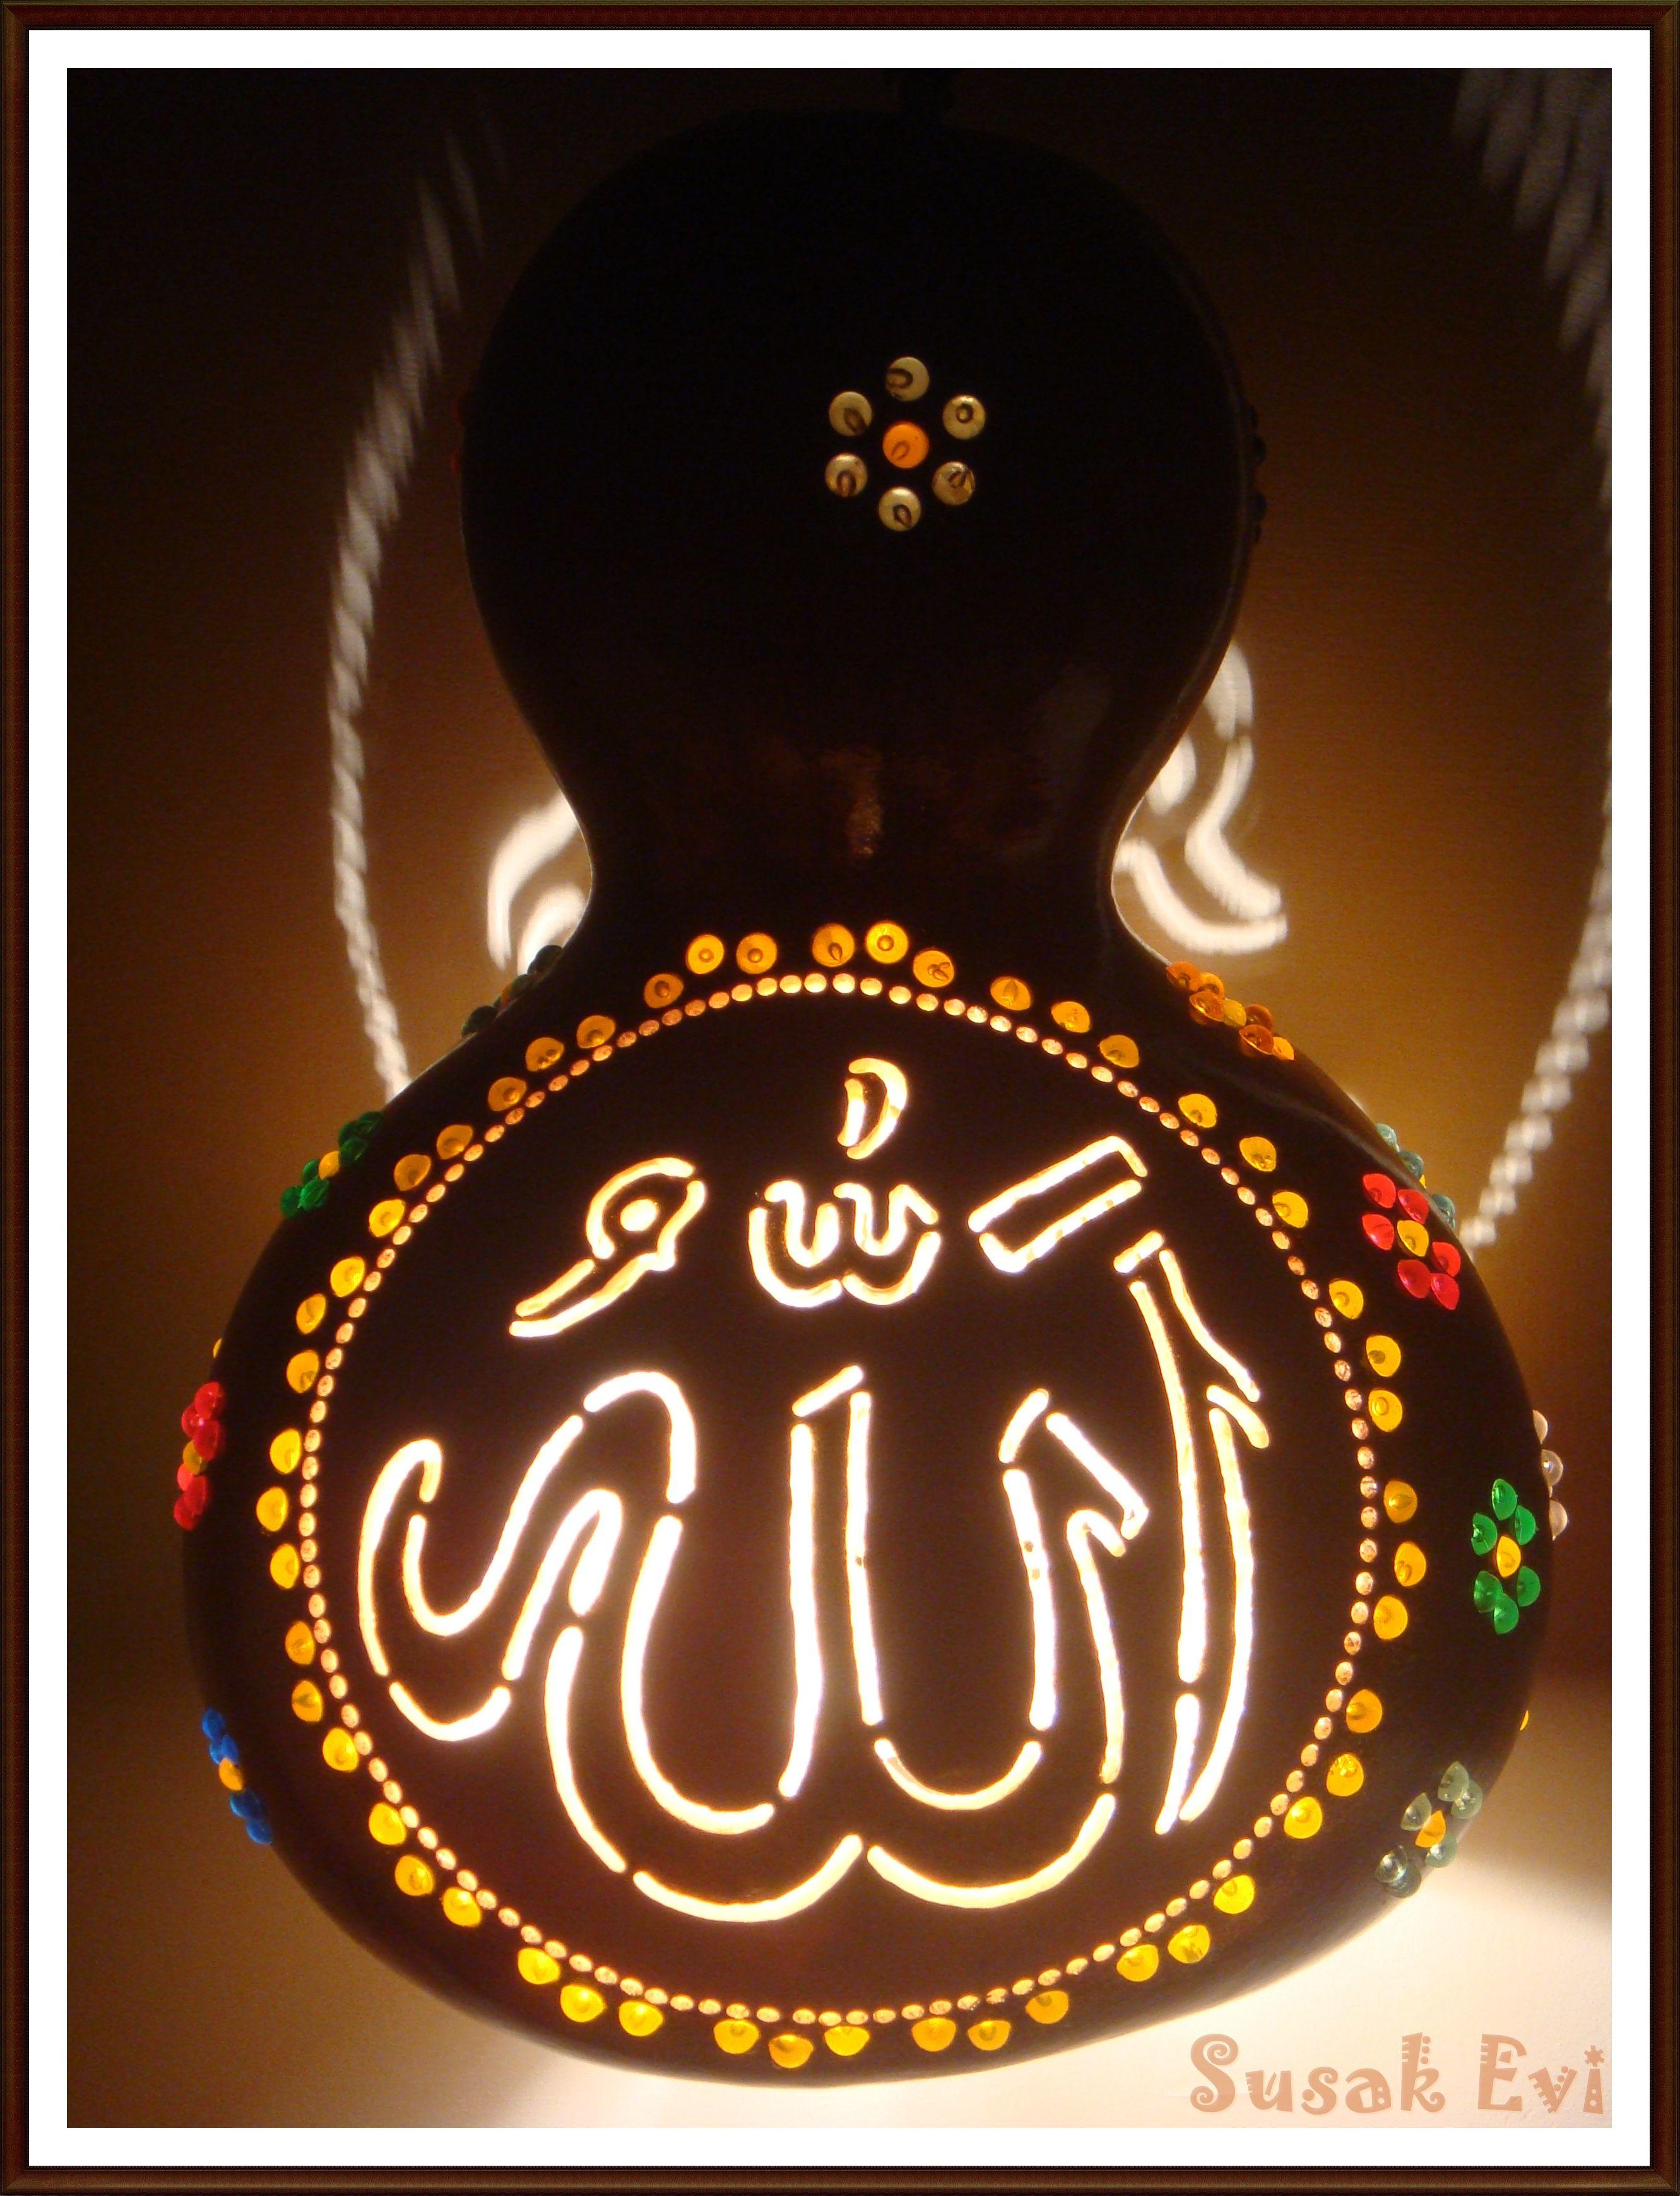 Dini Modeller - Daha fazlası ve iletişim için www.facebook.com/IsikEvi